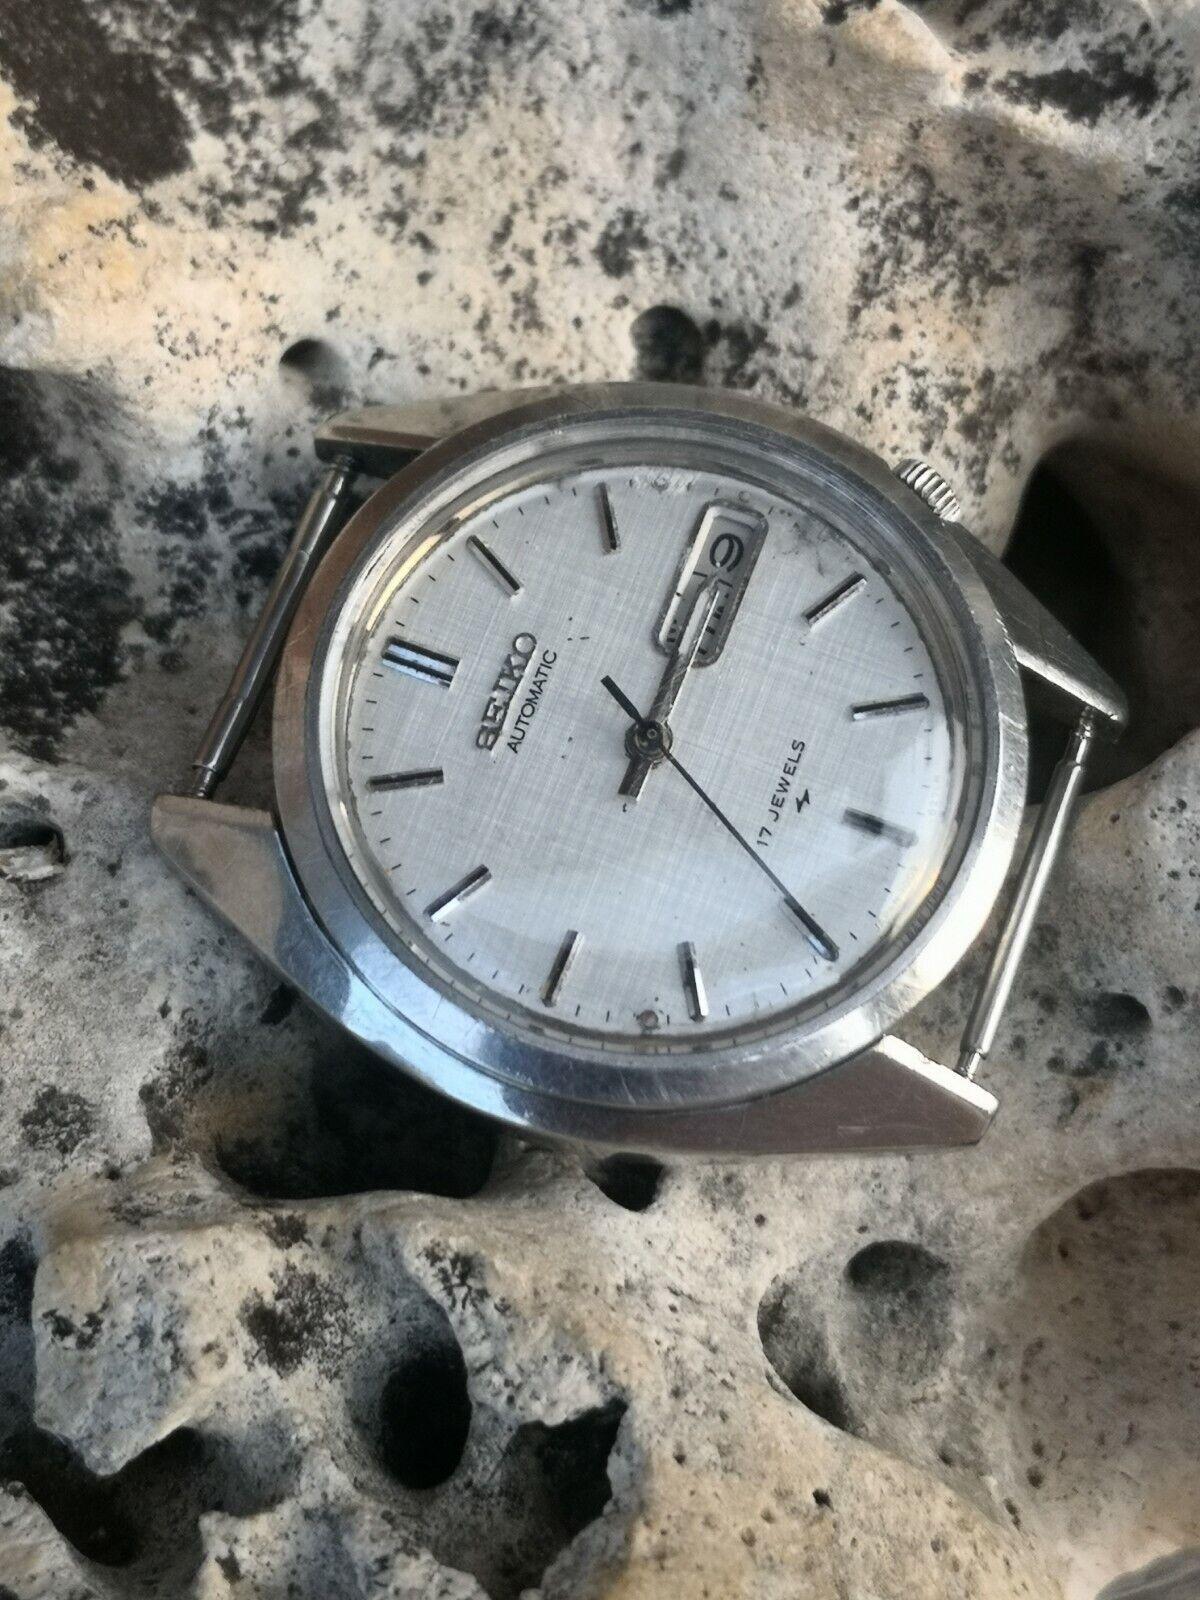 Reloj Watch Seiko Automatic ✈️7009 Vintage NO FUNCIONA PARA PIEZAS O REPAR